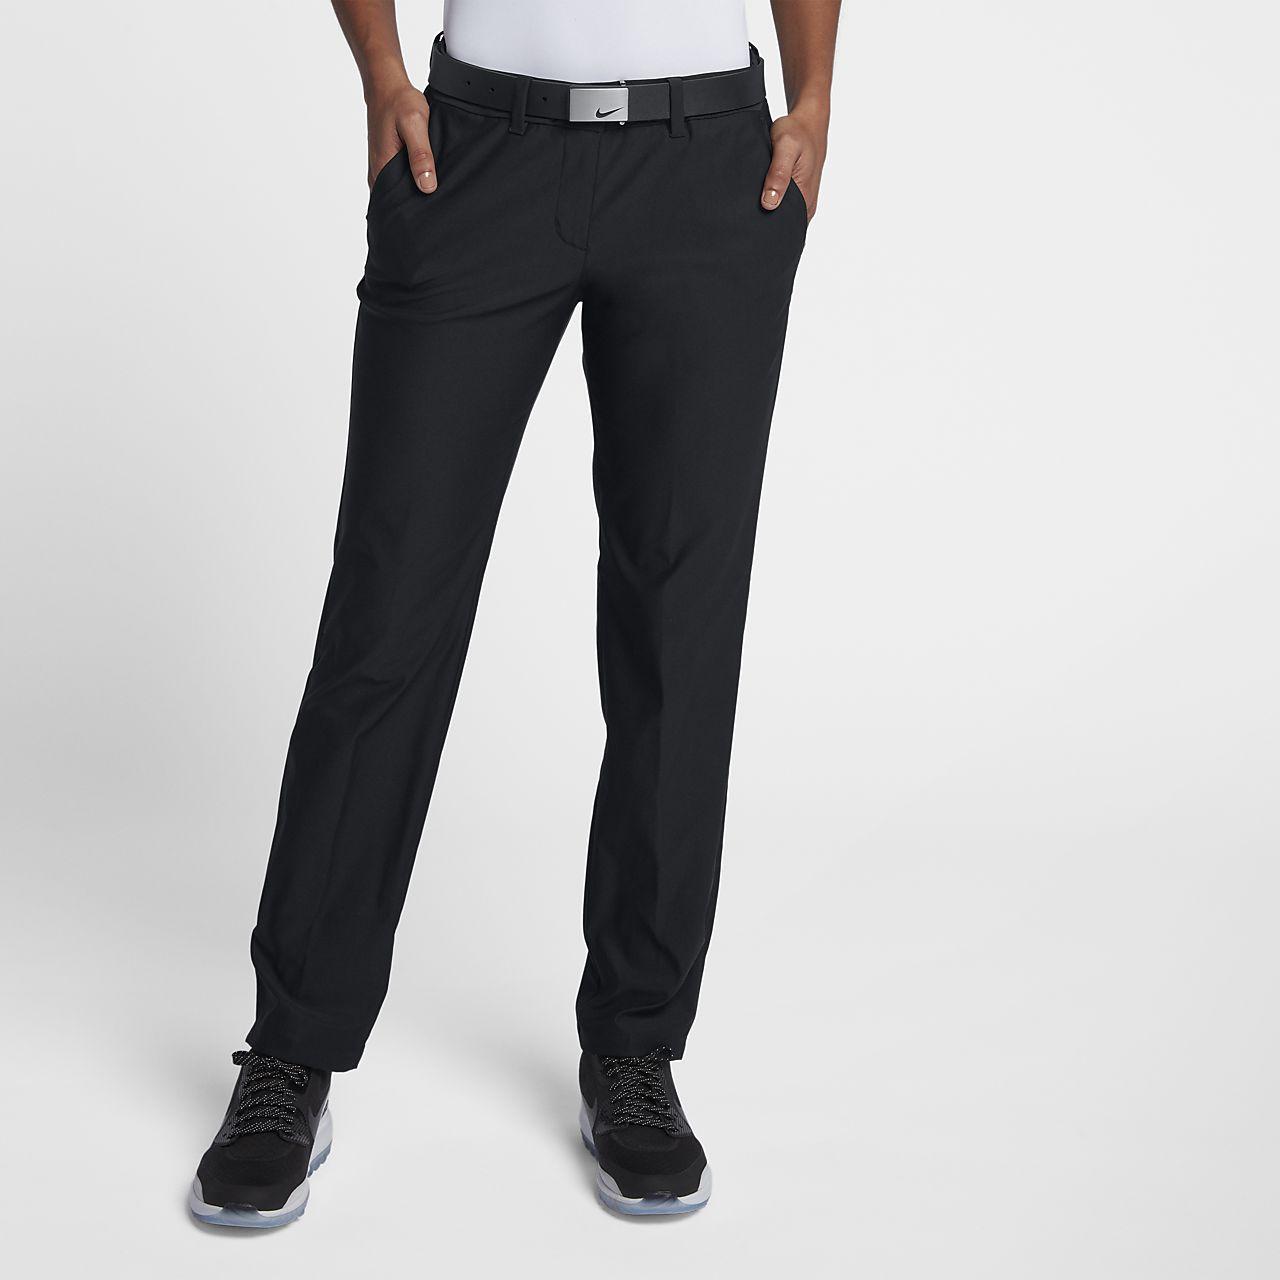 Nike Flex Women's Golf Trousers